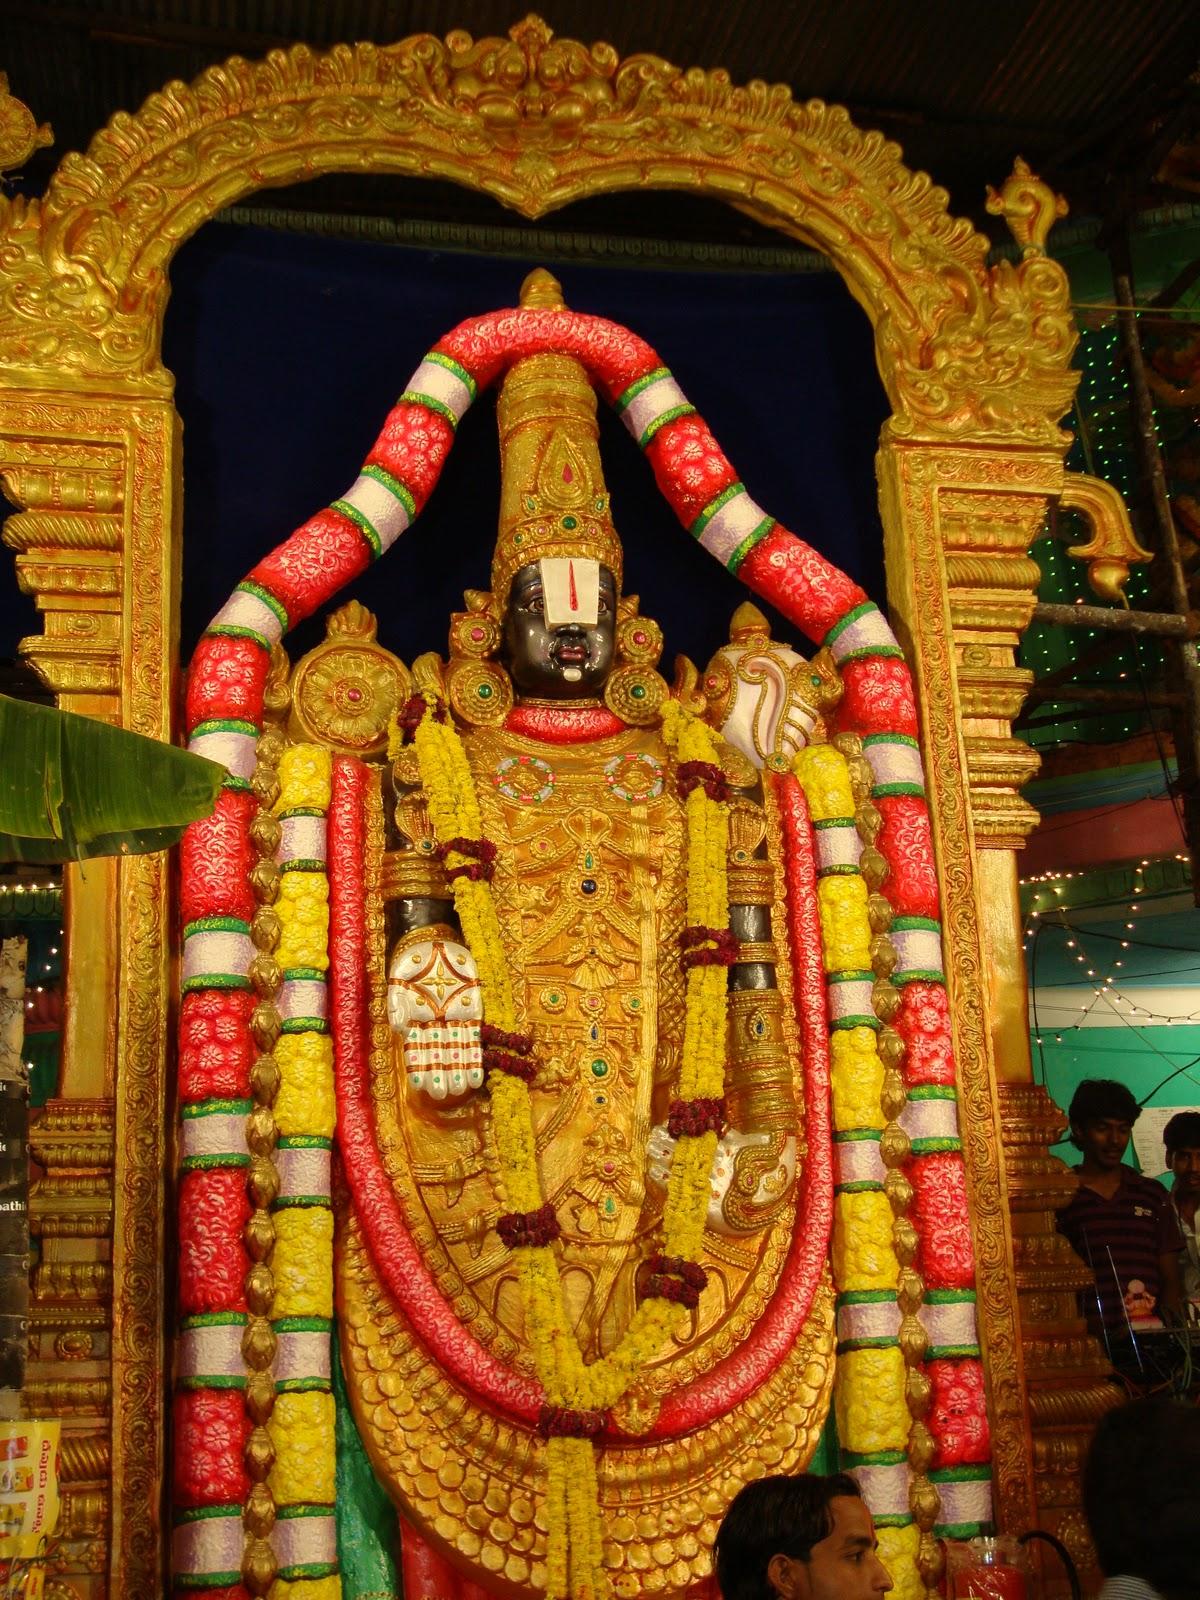 SSR: Lord Venkateswara